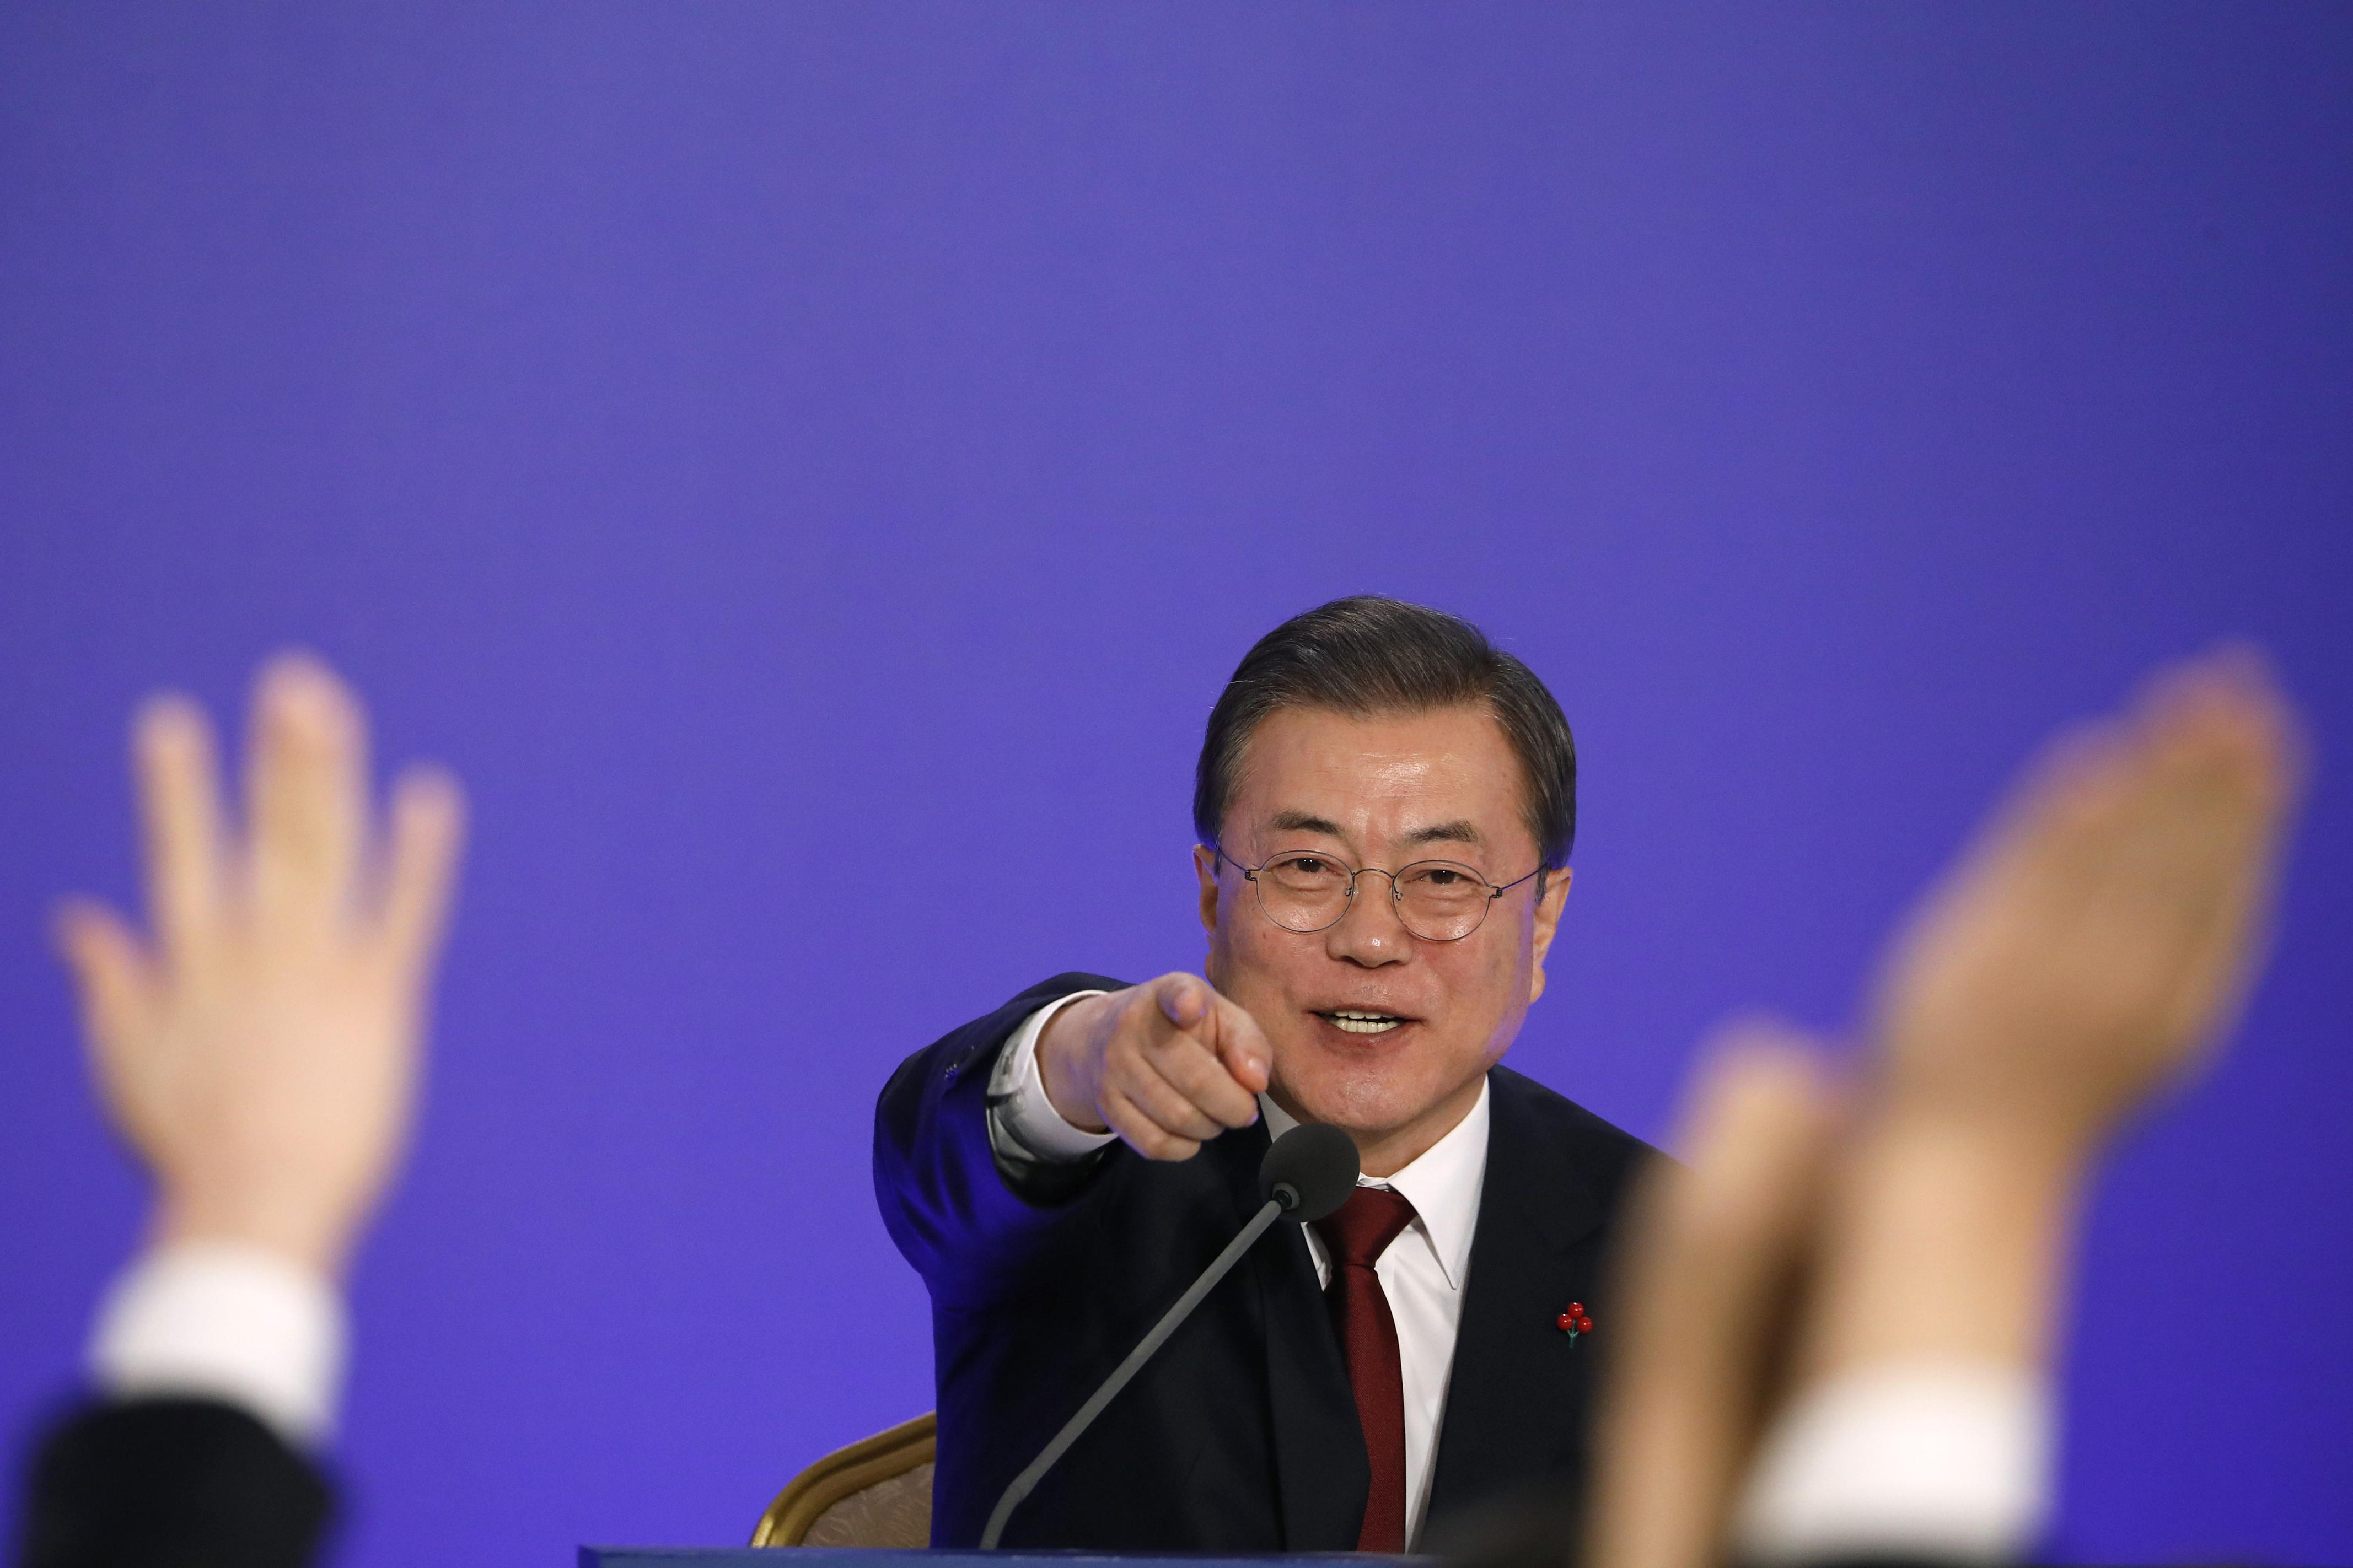 ▲▼南韓政府震怒,依法控告脫北者團體威脅兩韓和平。(示意圖/達志影像/美聯社)